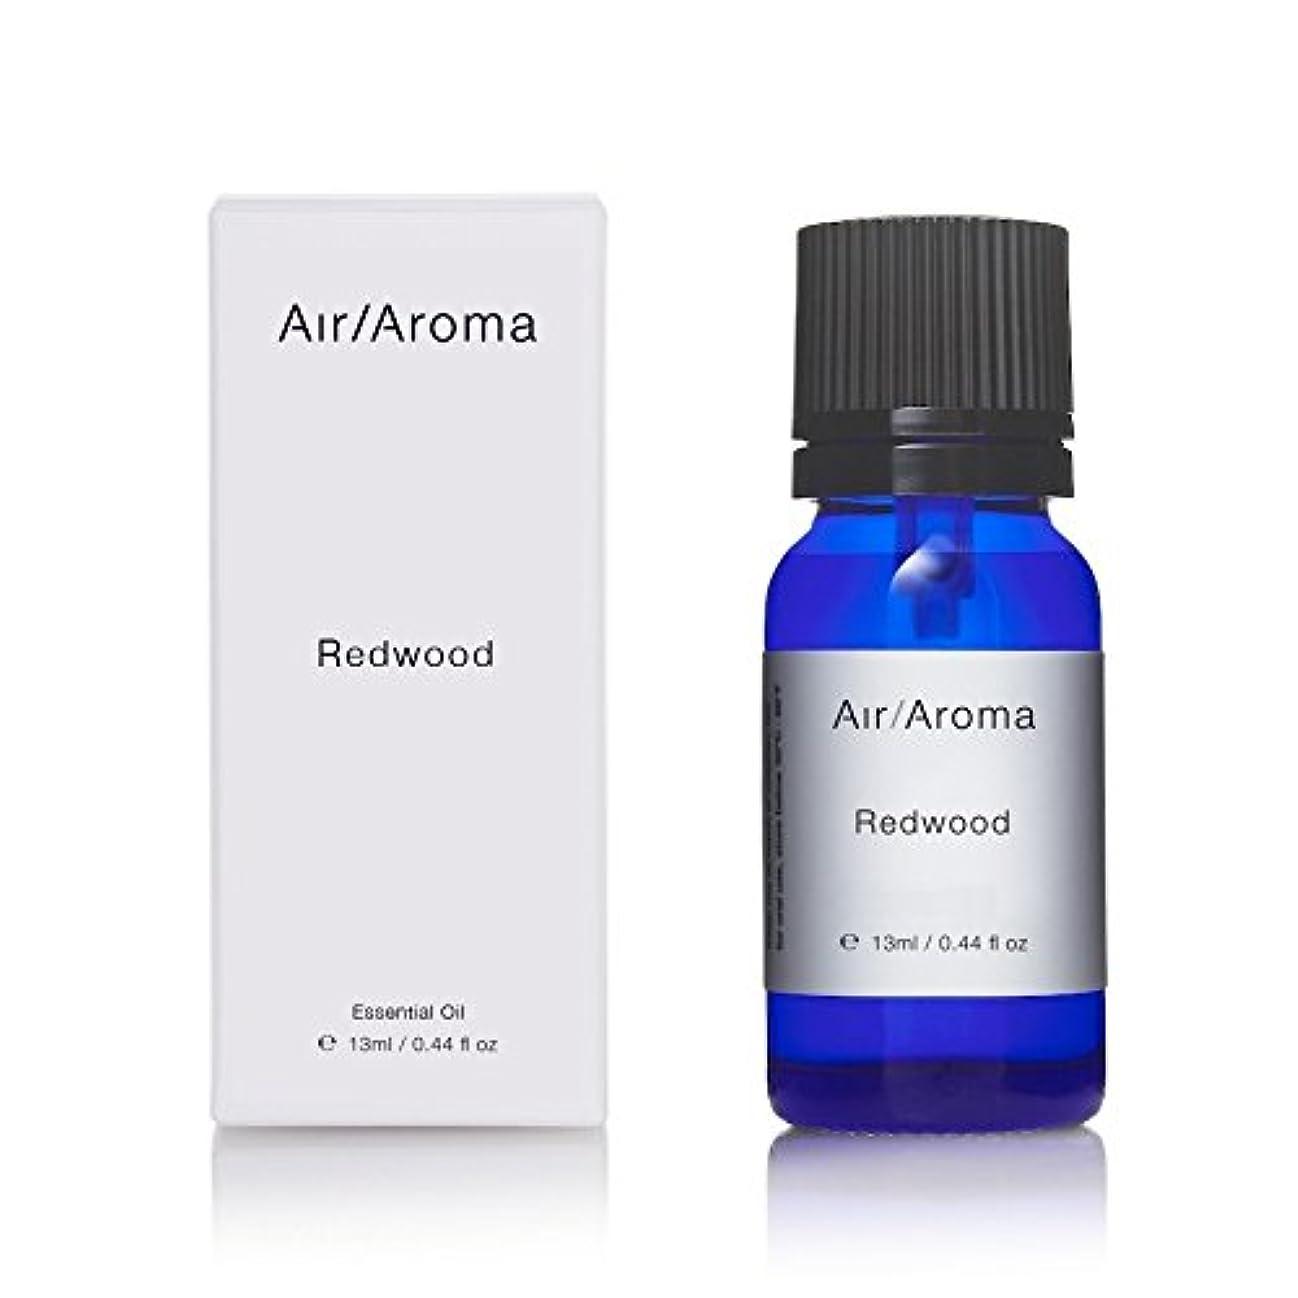 発見報酬の熟読するエアアロマ redwood (レッドウッド) 13ml